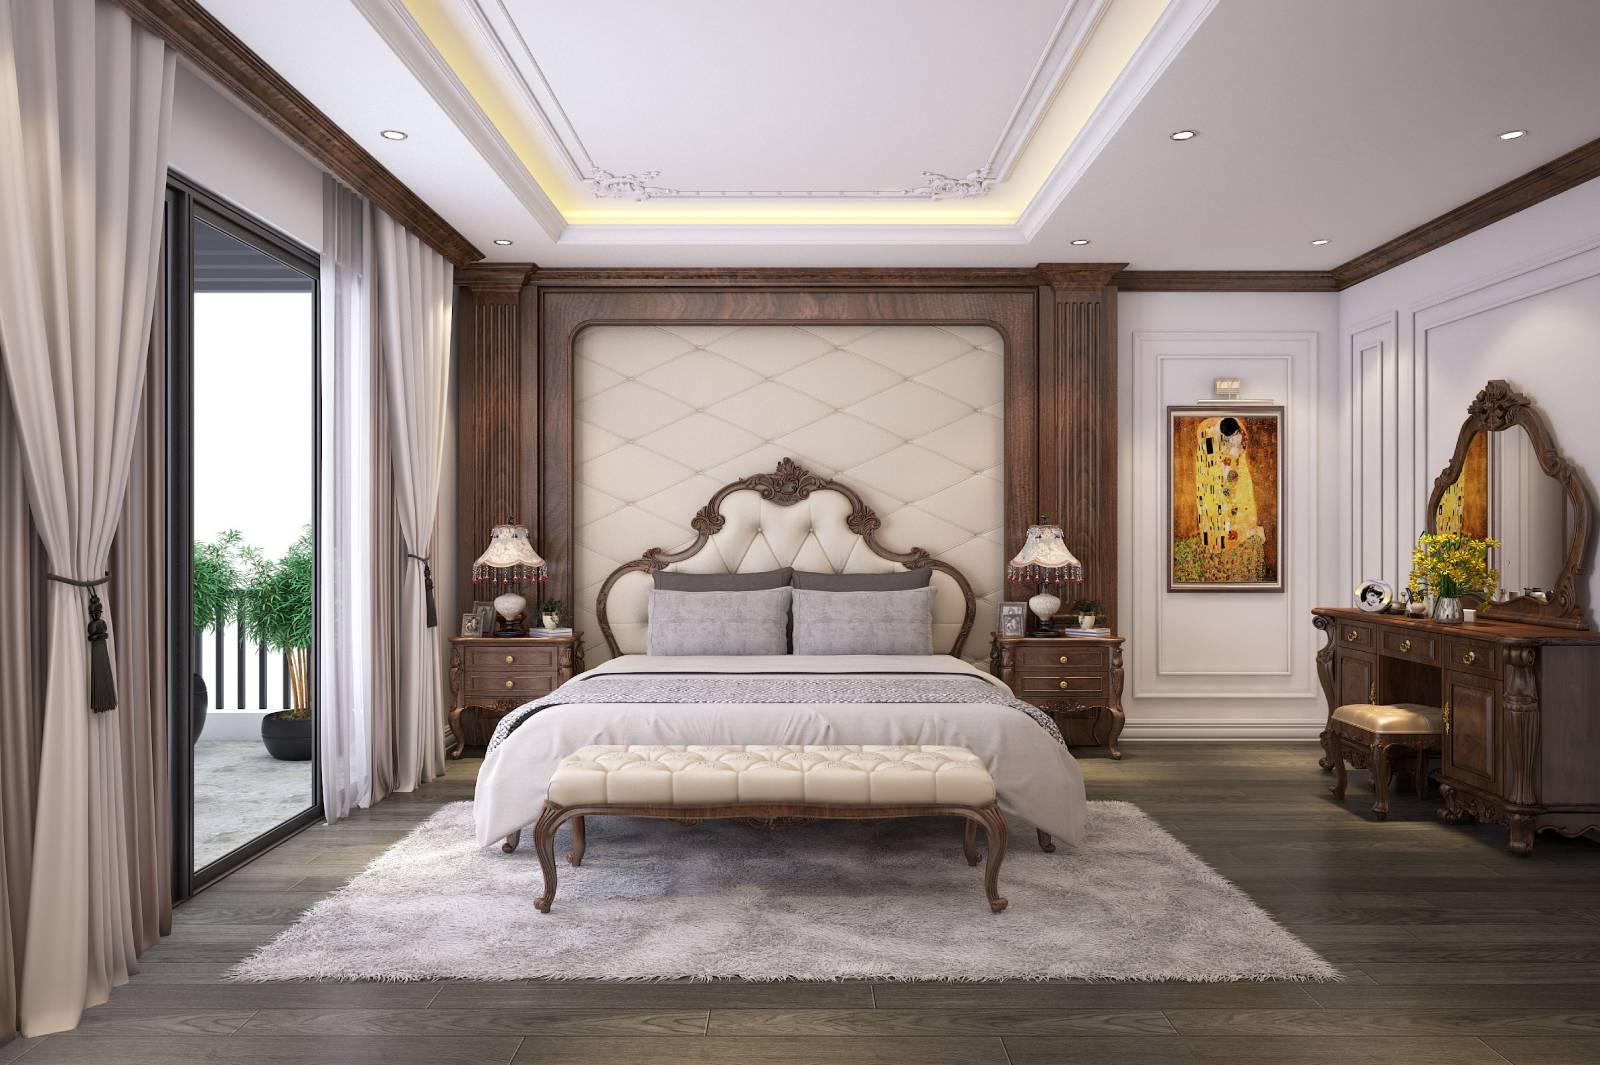 Tranh đặt bên trái giường ngủ tạo sự độc đáo mới lạ